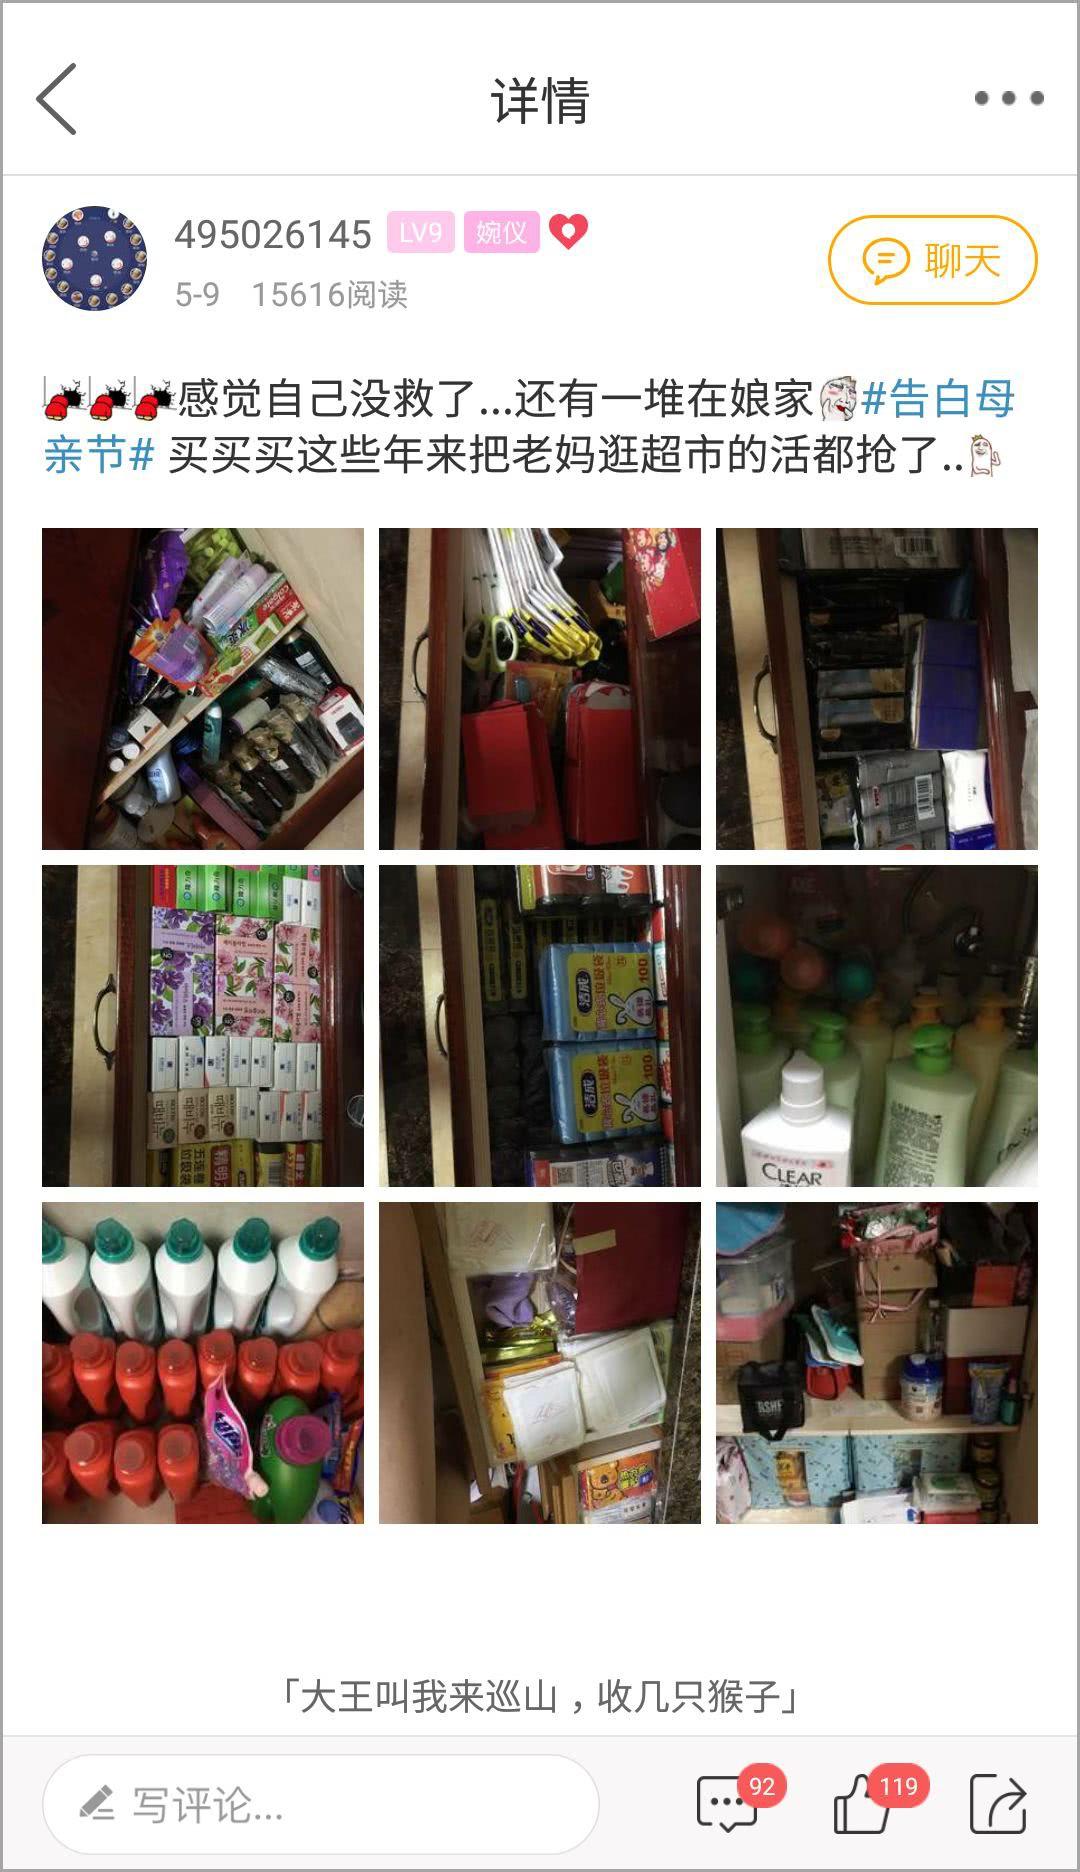 6 năm liền điên cuồng mua đồ online, cô gái trẻ 'nghiện shopping' khiến ngay cả shipper cũng thấy sợ 1